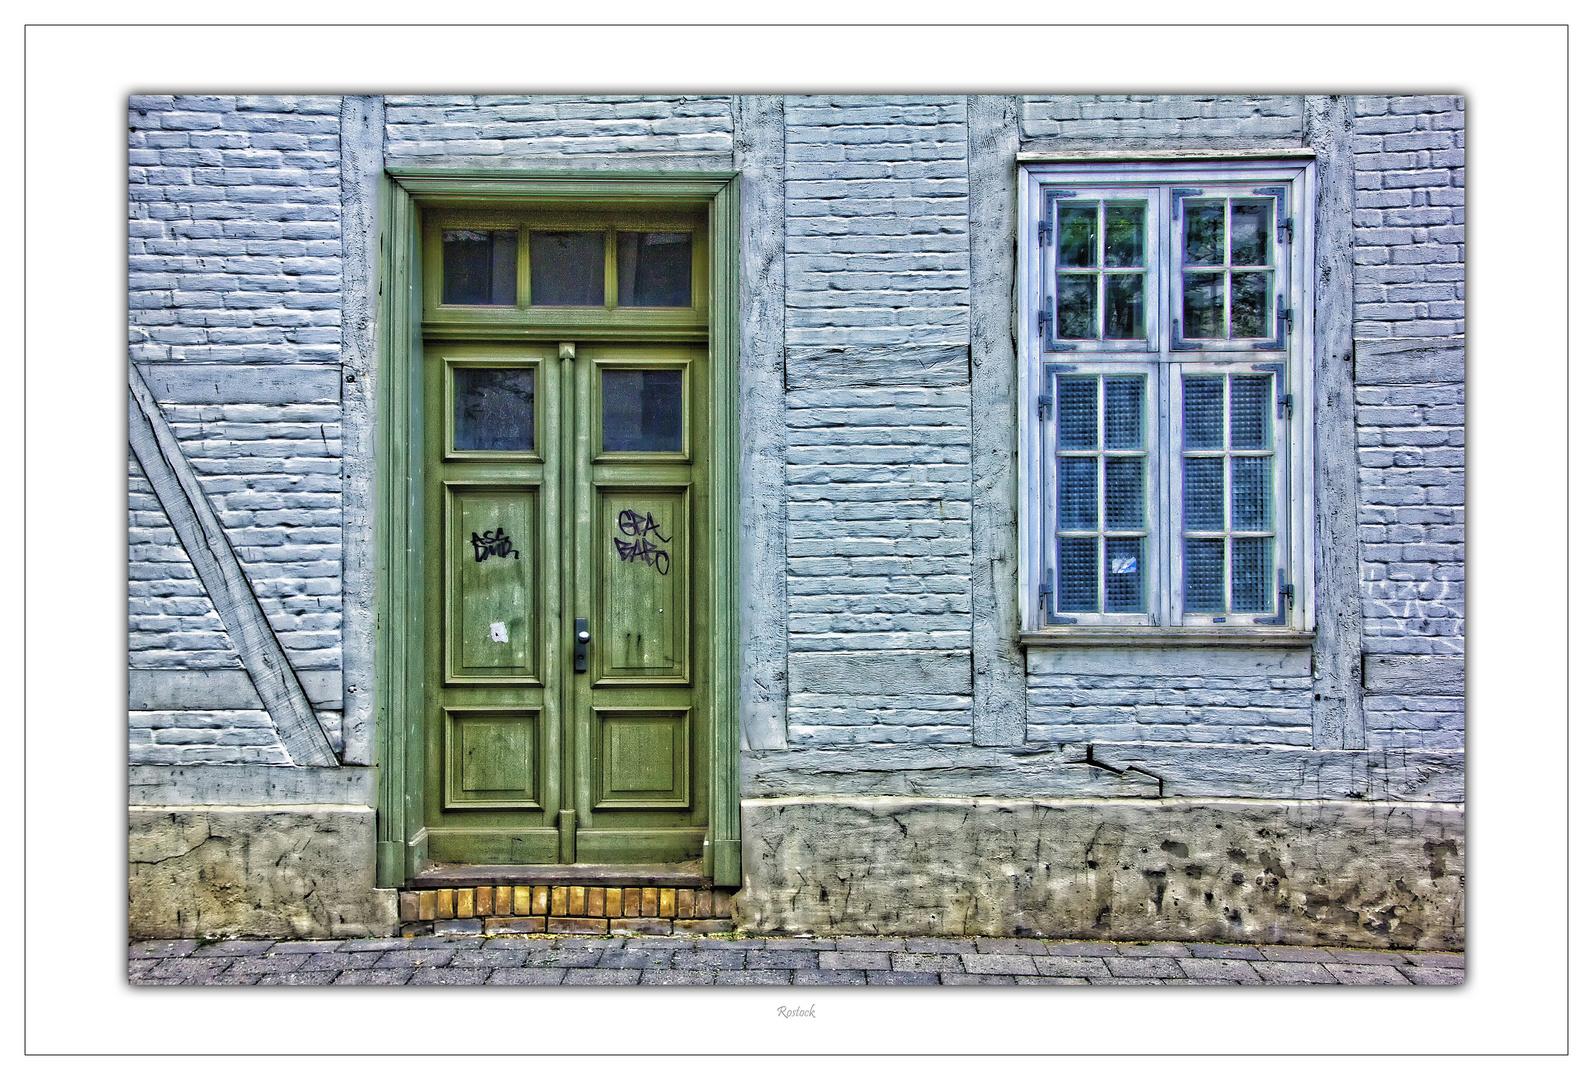 Full Size of Fenster Rostock Sichtschutz Günstig Kaufen Sonnenschutz Für Bodentiefe Felux Schüco Veka Schräge Abdunkeln Einbruchschutz Bauhaus Pvc Velux De Kunststoff Fenster Fenster Rostock